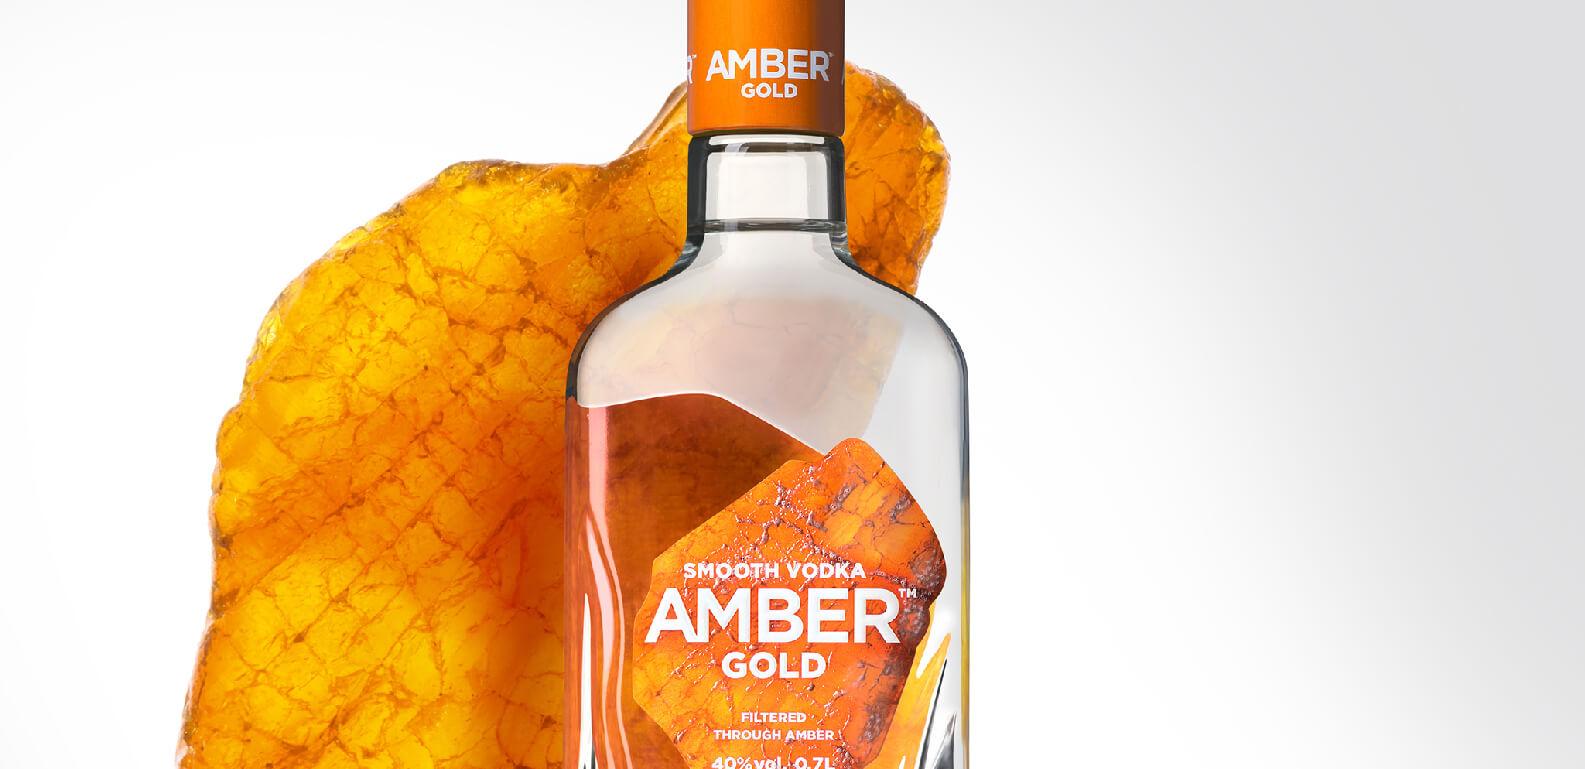 Amber Gold Vodka - bottle and label design